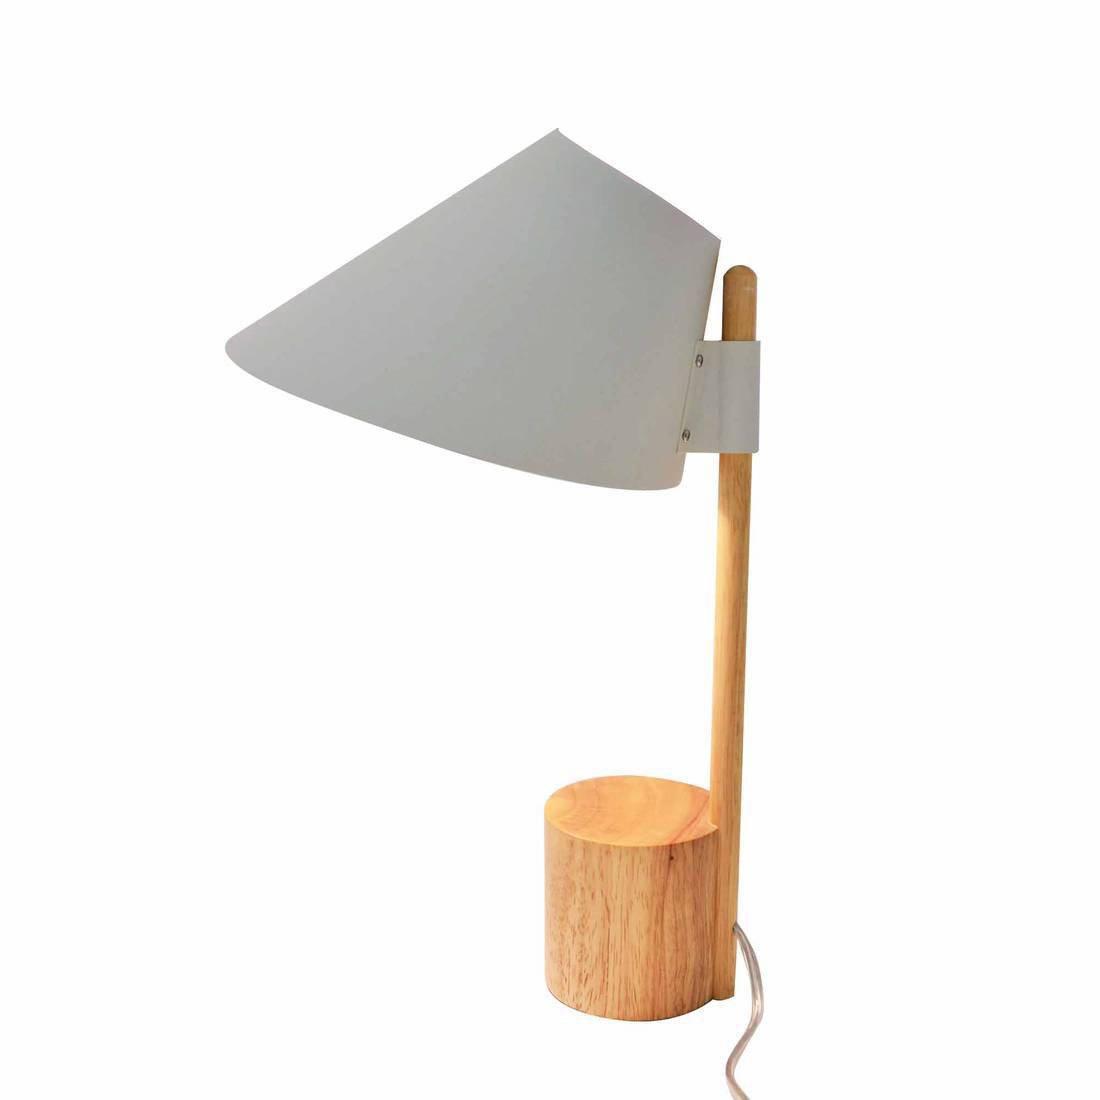 Lampe, design, bois gris et boir Capy